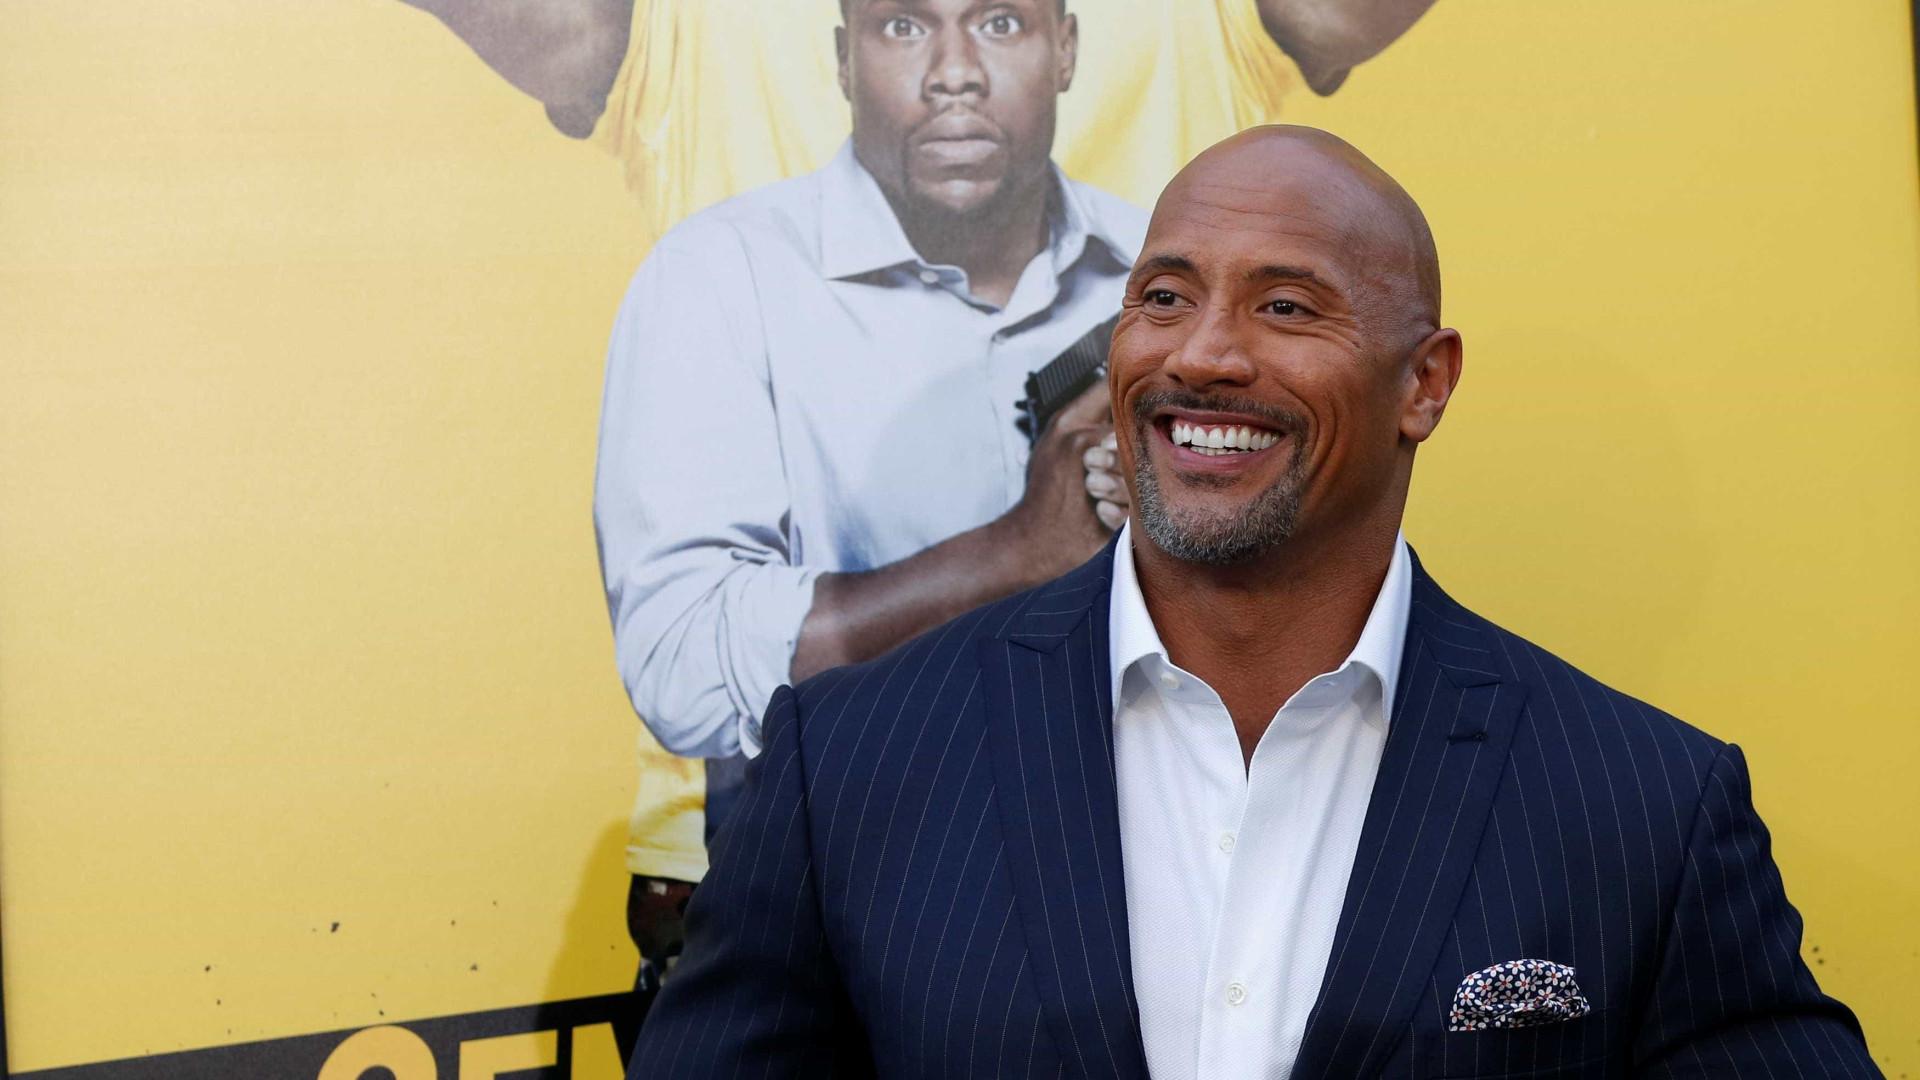 Dwayne Johnson recebe uma das homenagens mais importantes de Hollywood